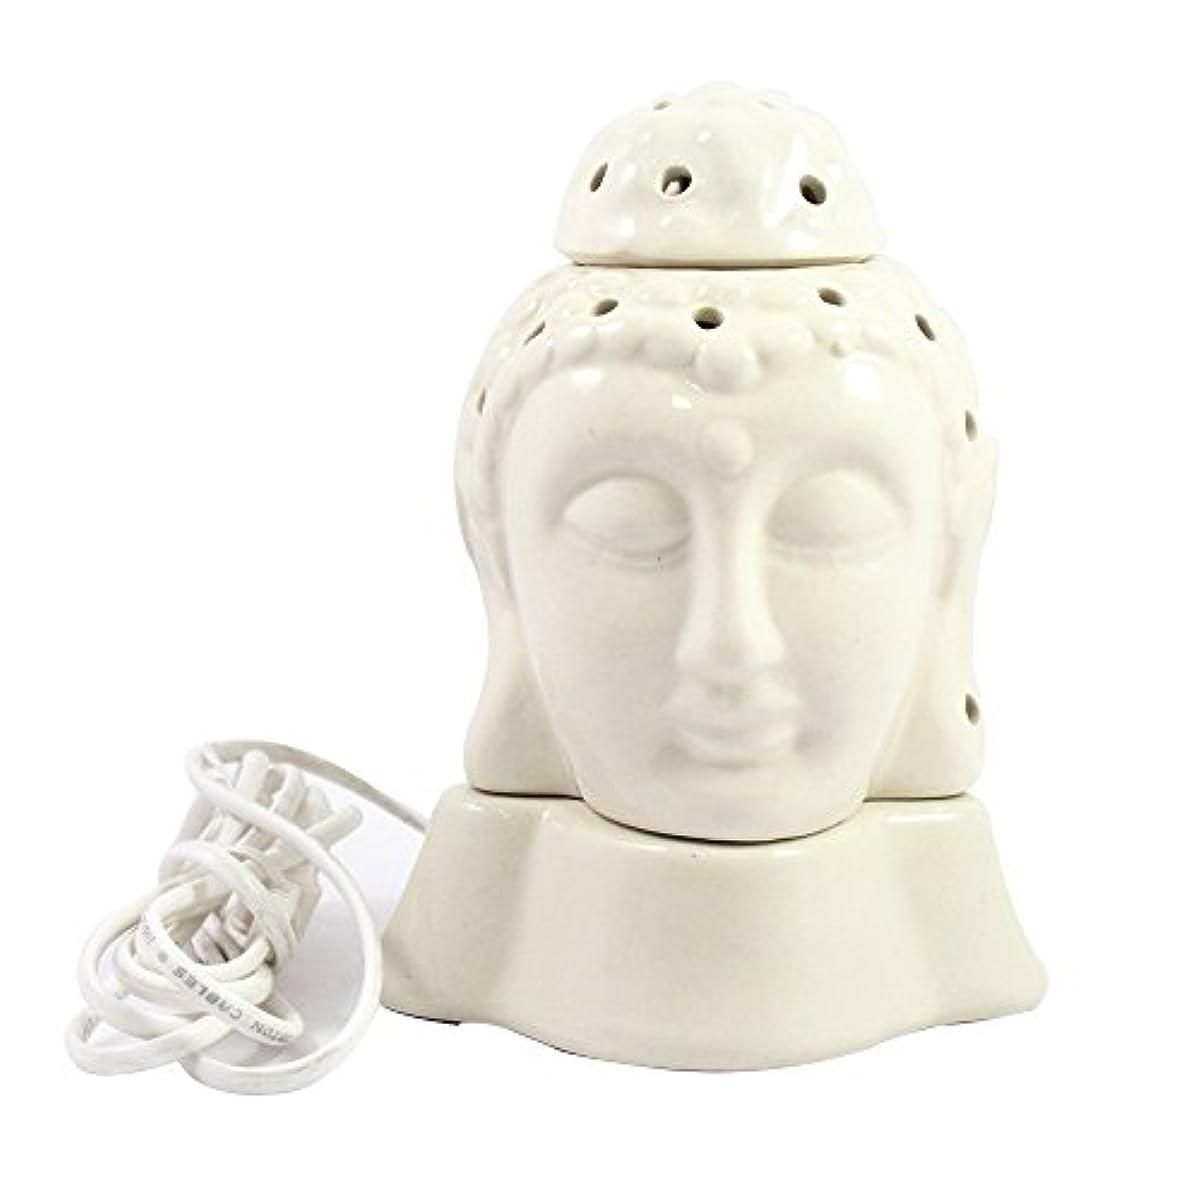 なんでもトレース適合Gautama Buddha電気アロマオイルバーナー&ティーライトランプ/良質ホワイトカラー数量1 /汚染無料手作りセラミック主仏電気T - ライトランプ&香油ディフューザー